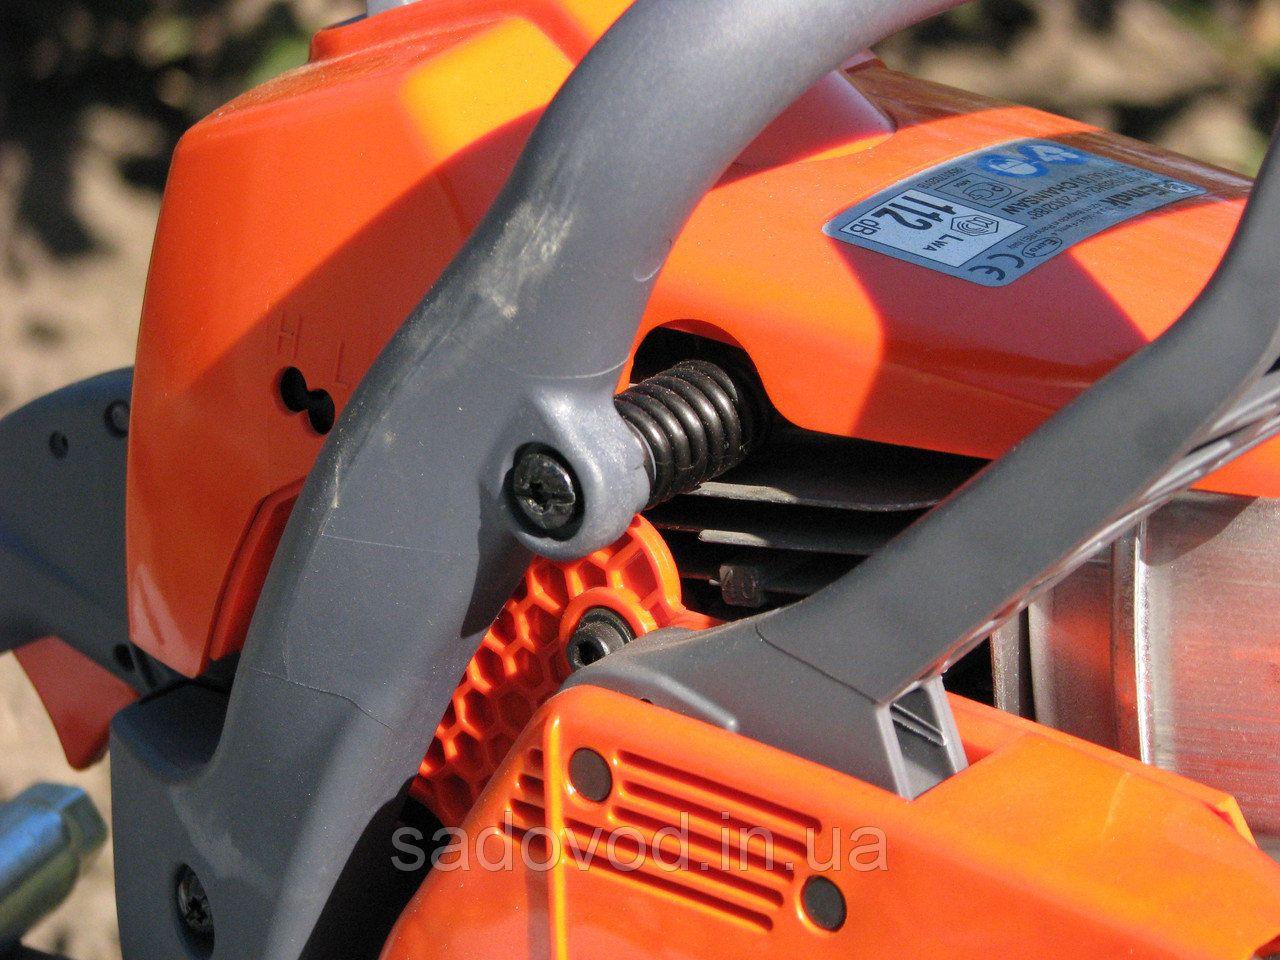 Бензопила олео мак 937. технические характеристики. регулировка карбюратора и подбор цепи